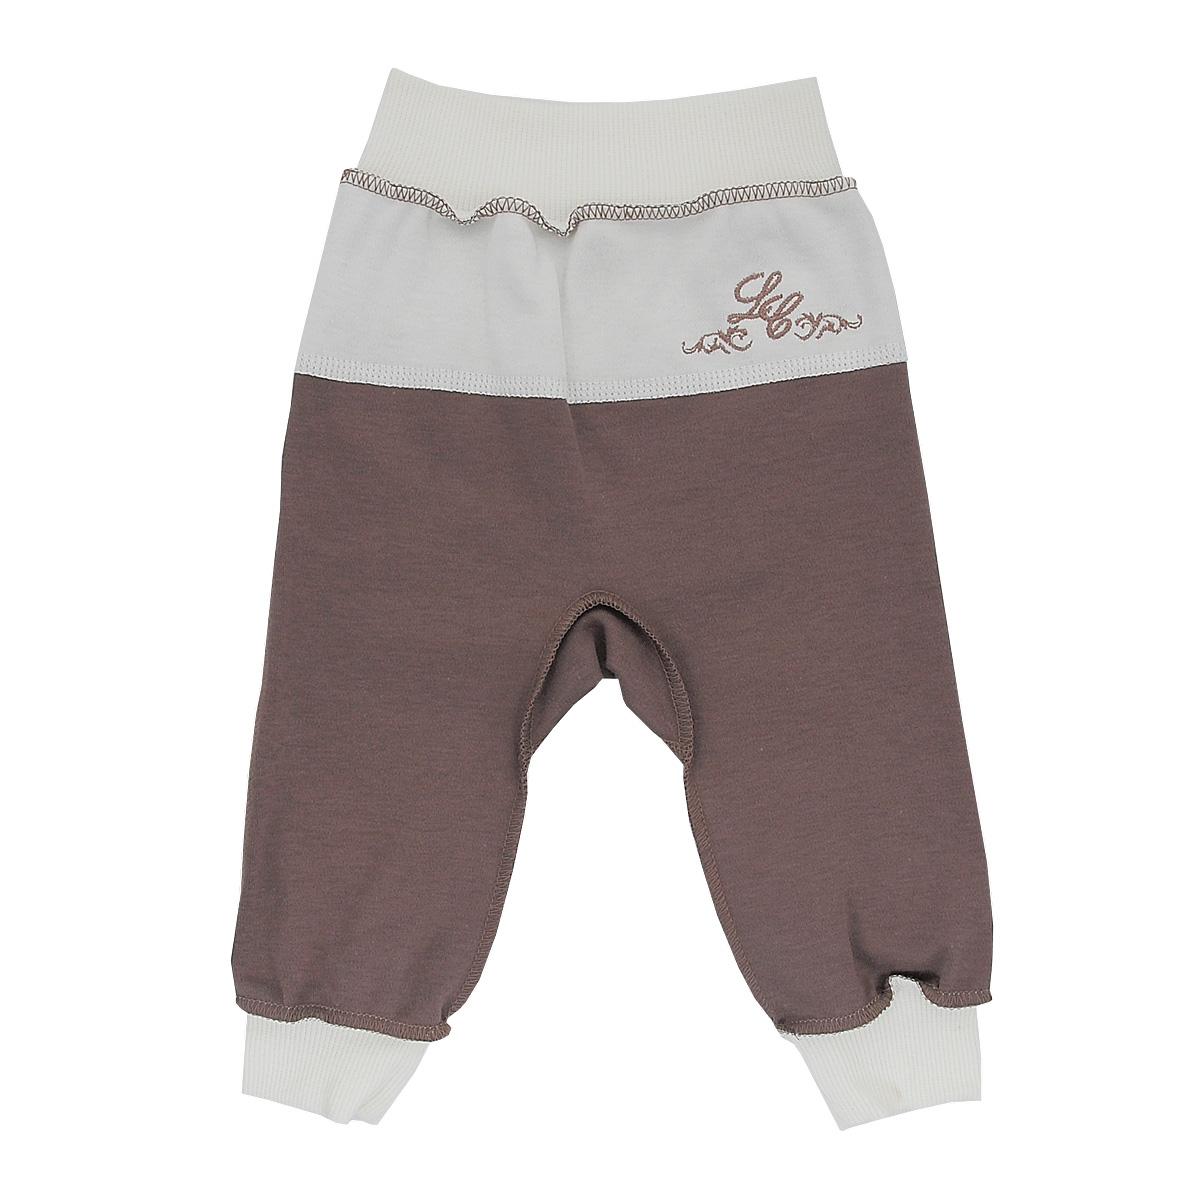 20-11Стильные брюки для мальчика Lucky Child станут прекрасным дополнением к гардеробу вашего малыша. Изготовленные из натурального хлопка, они необычайно мягкие и приятные на ощупь, не сковывают движения ребенка и позволяют коже дышать, не раздражают даже самую нежную и чувствительную кожу ребенка, обеспечивая ему наибольший комфорт. Брюки выполнены швами наружу, на талии имеют широкую эластичную резинку, благодаря чему они не сдавливают животик ребенка и не сползают. Снизу брючины дополнены широкими трикотажными манжетами. Спереди брюки дополнены контрастной вставкой, оформленной вышивкой. В таких брюках ваш ребенок будет чувствовать себя уютно и комфортно и всегда будет в центре внимания!